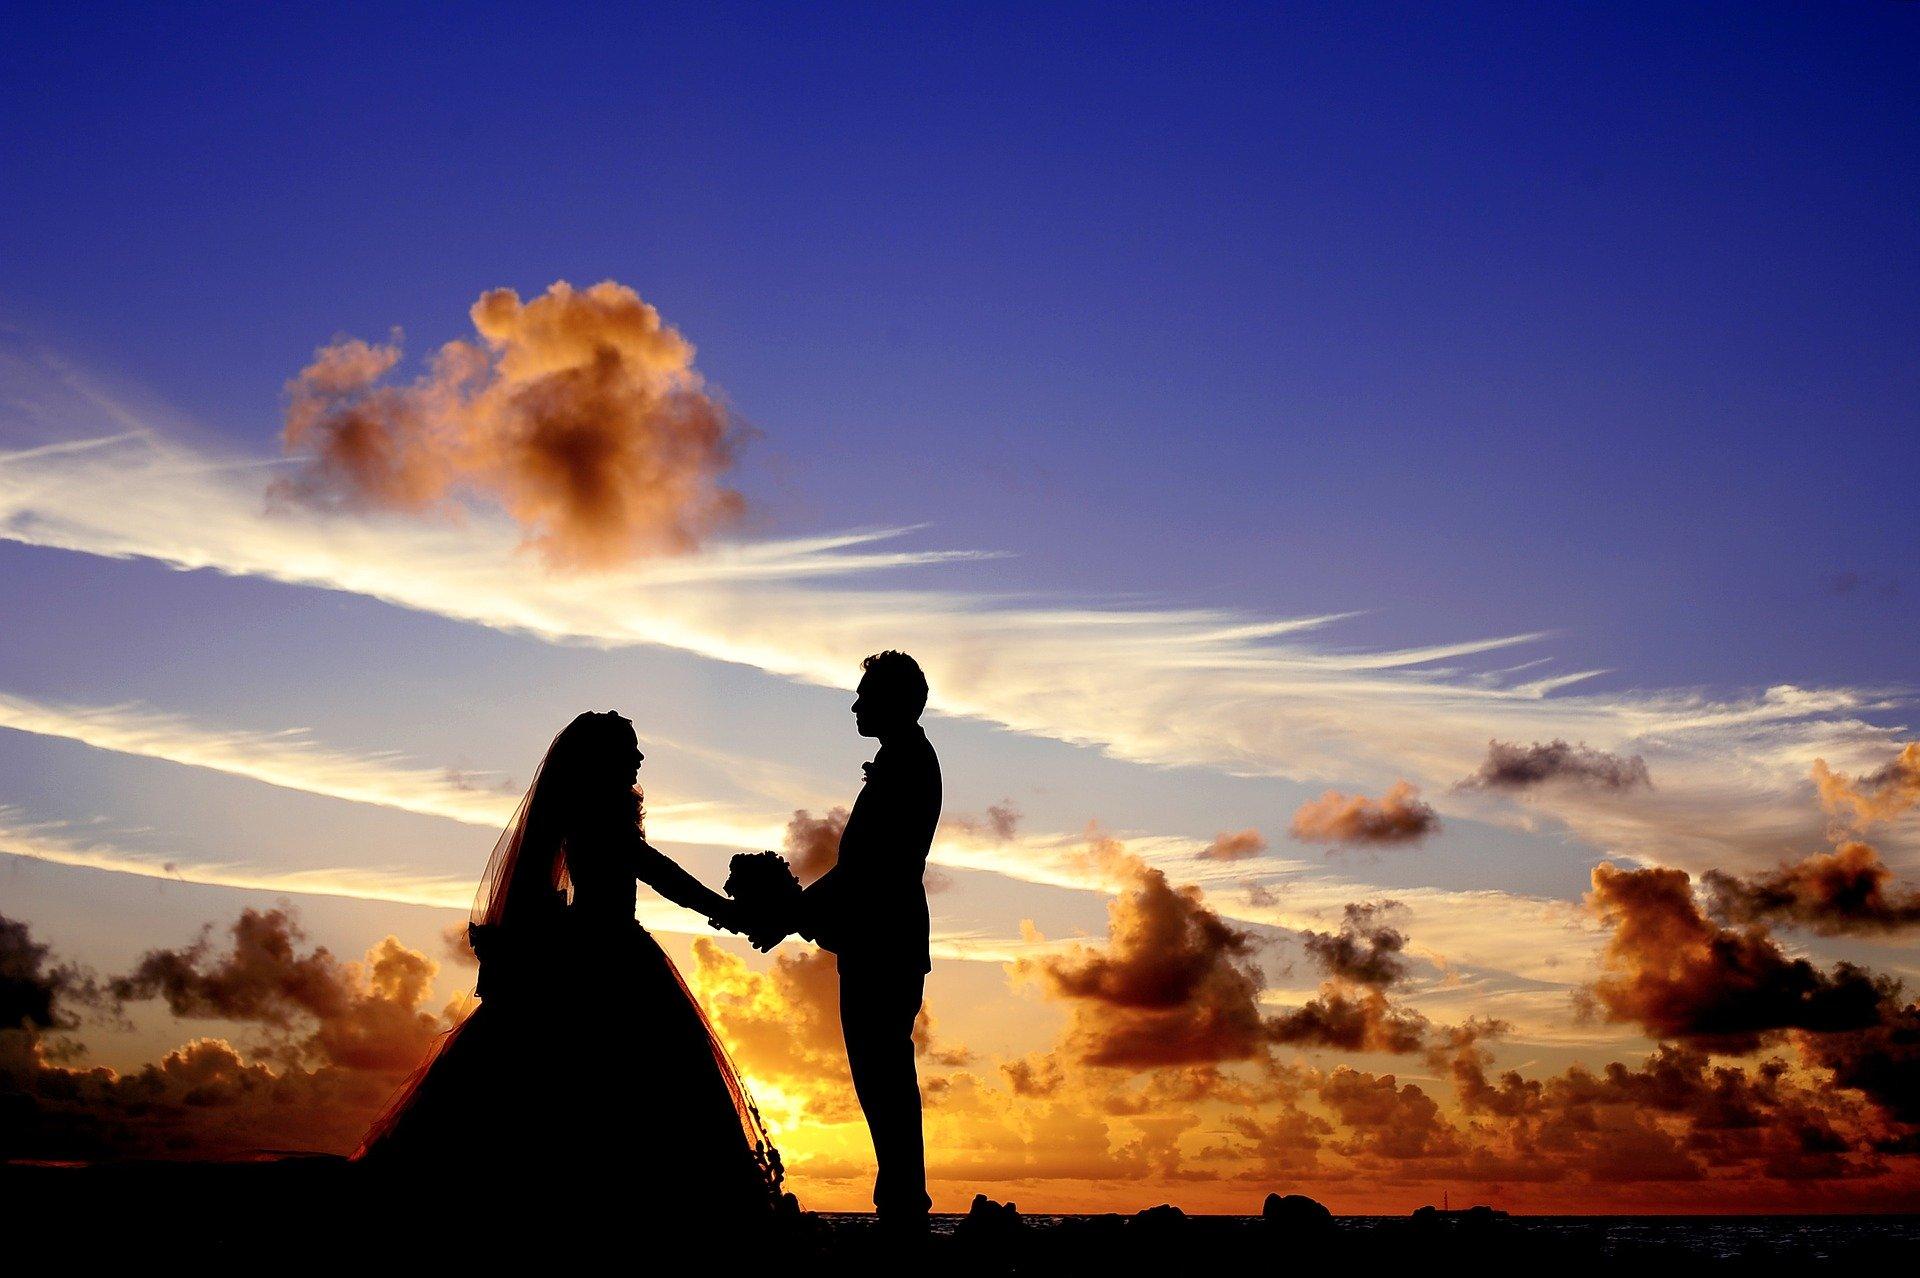 既婚者の男性が本気の恋!離婚する決意を固めた男性の兆候と起こりうる離婚の問題点